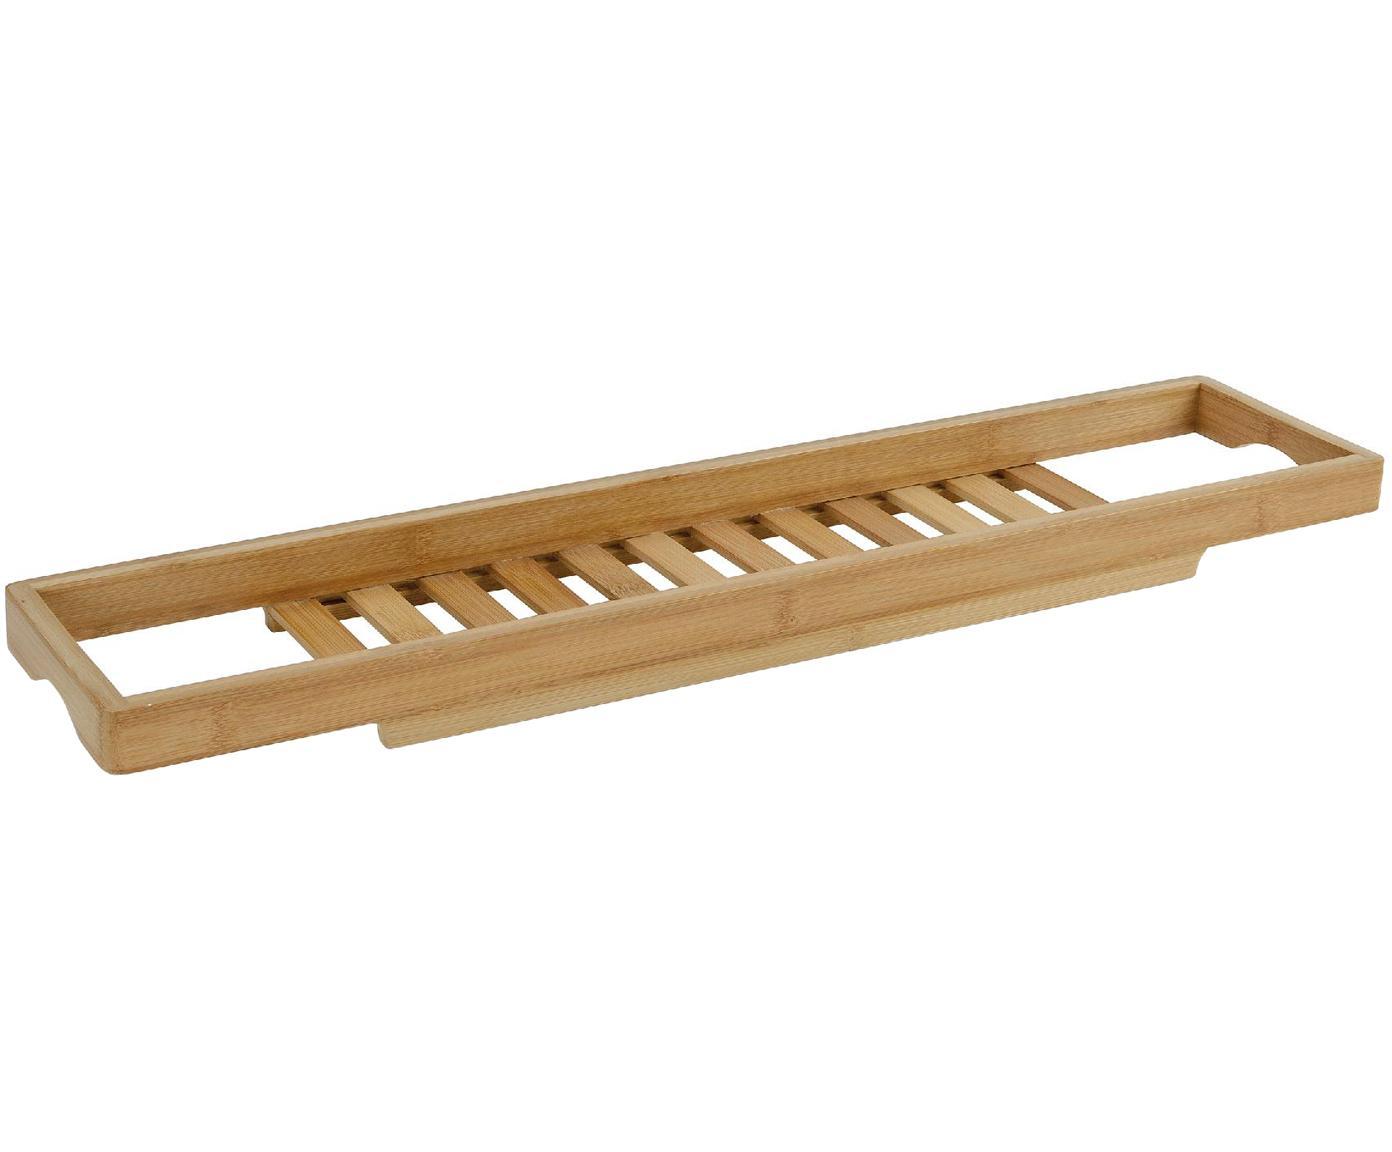 Mensola per vasca in bambù Thubi, Bambù, Bambù, Larg. 15 x Lung. 70 cm